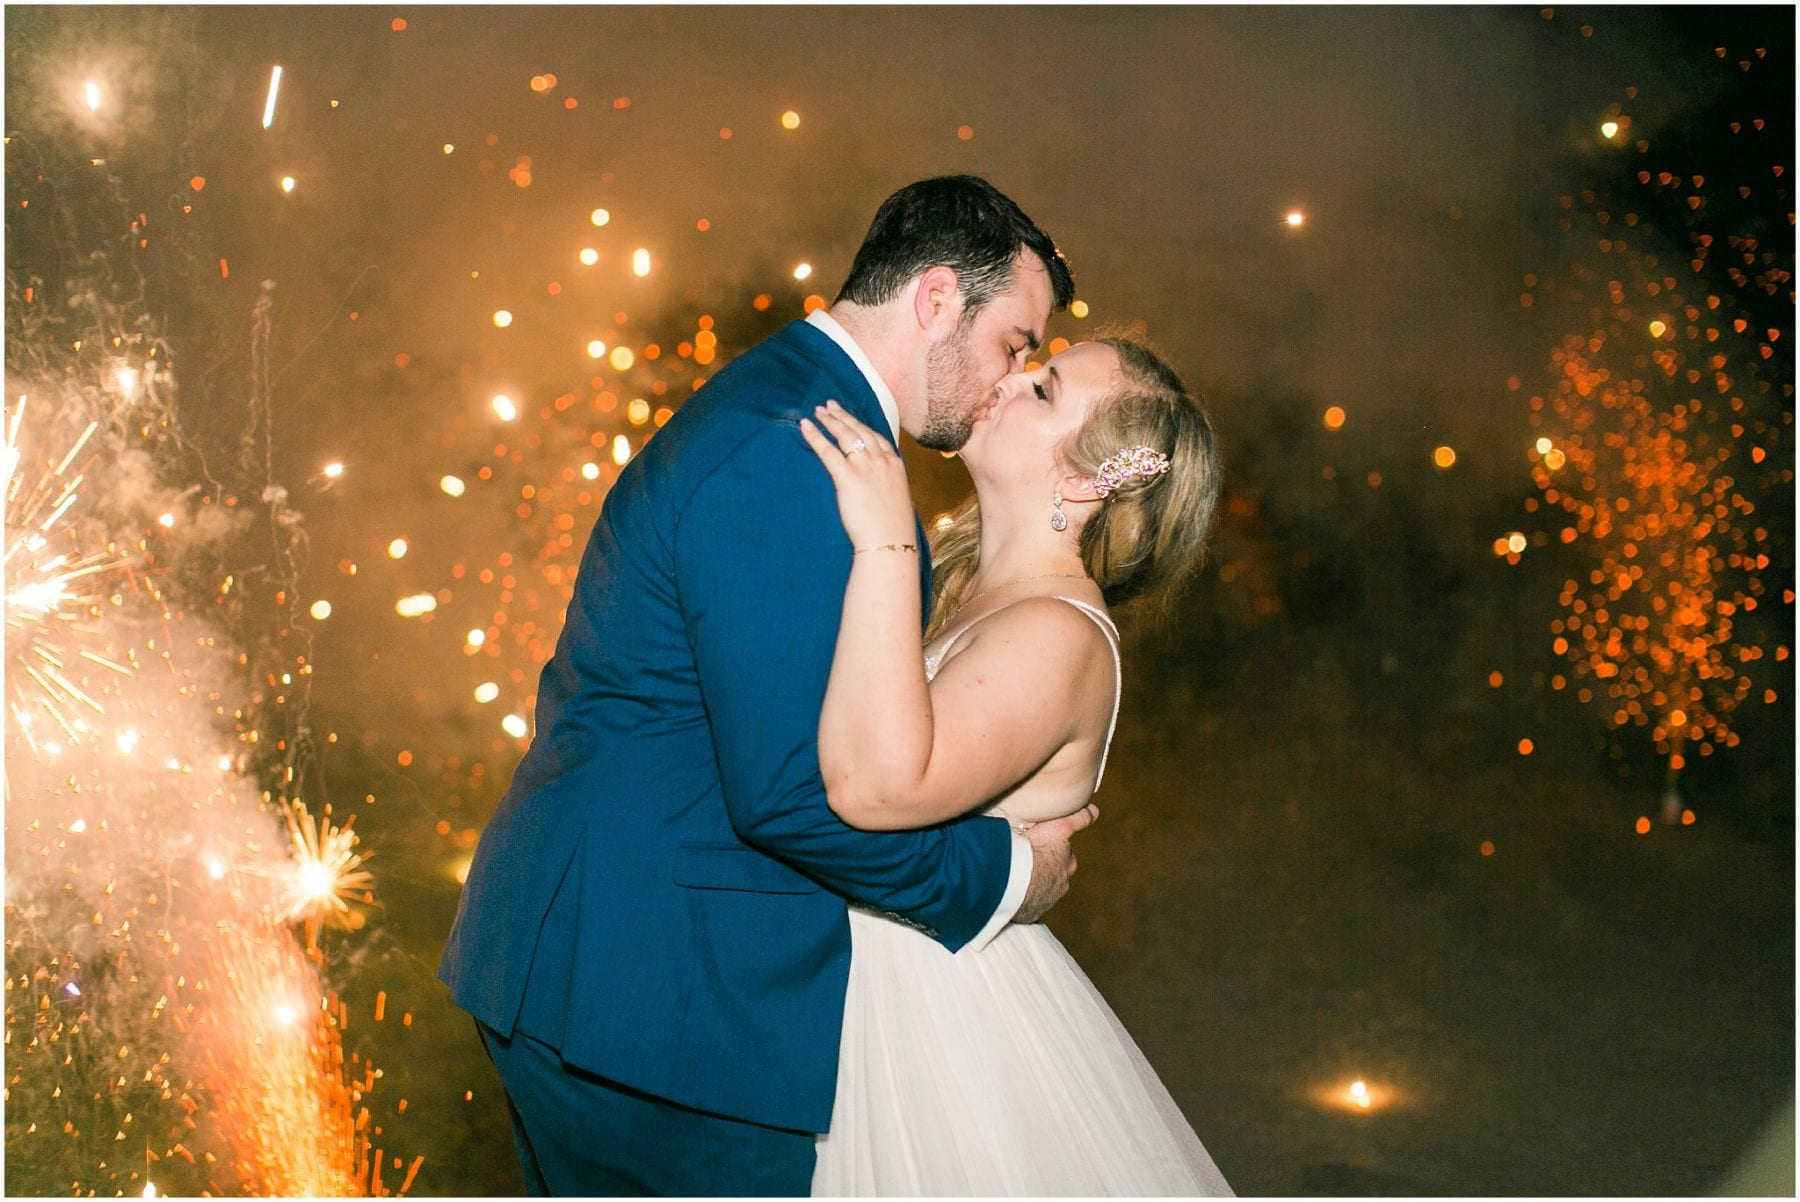 Maryland Backyard Wedding Photos Kelly & Zach Megan Kelsey Photography-348.jpg